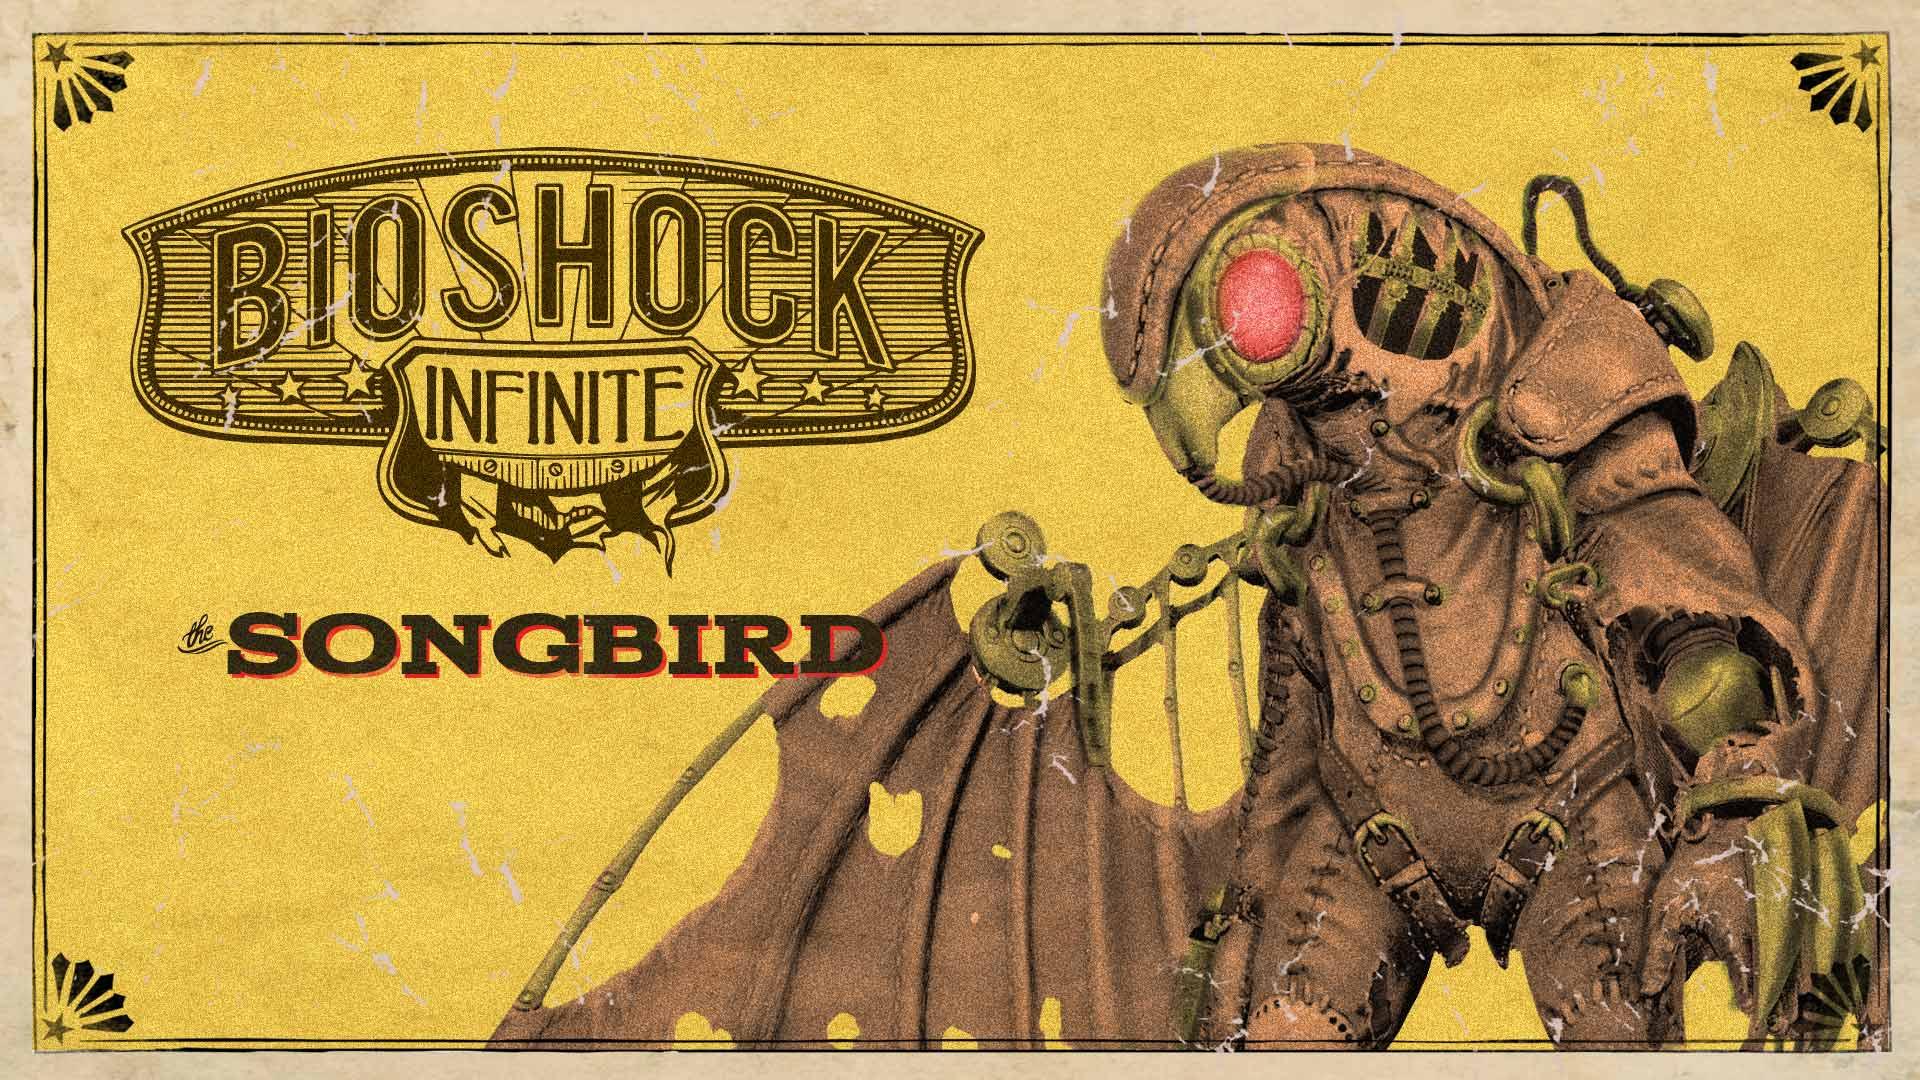 Steam Card Exchange Showcase Bioshock Infinite